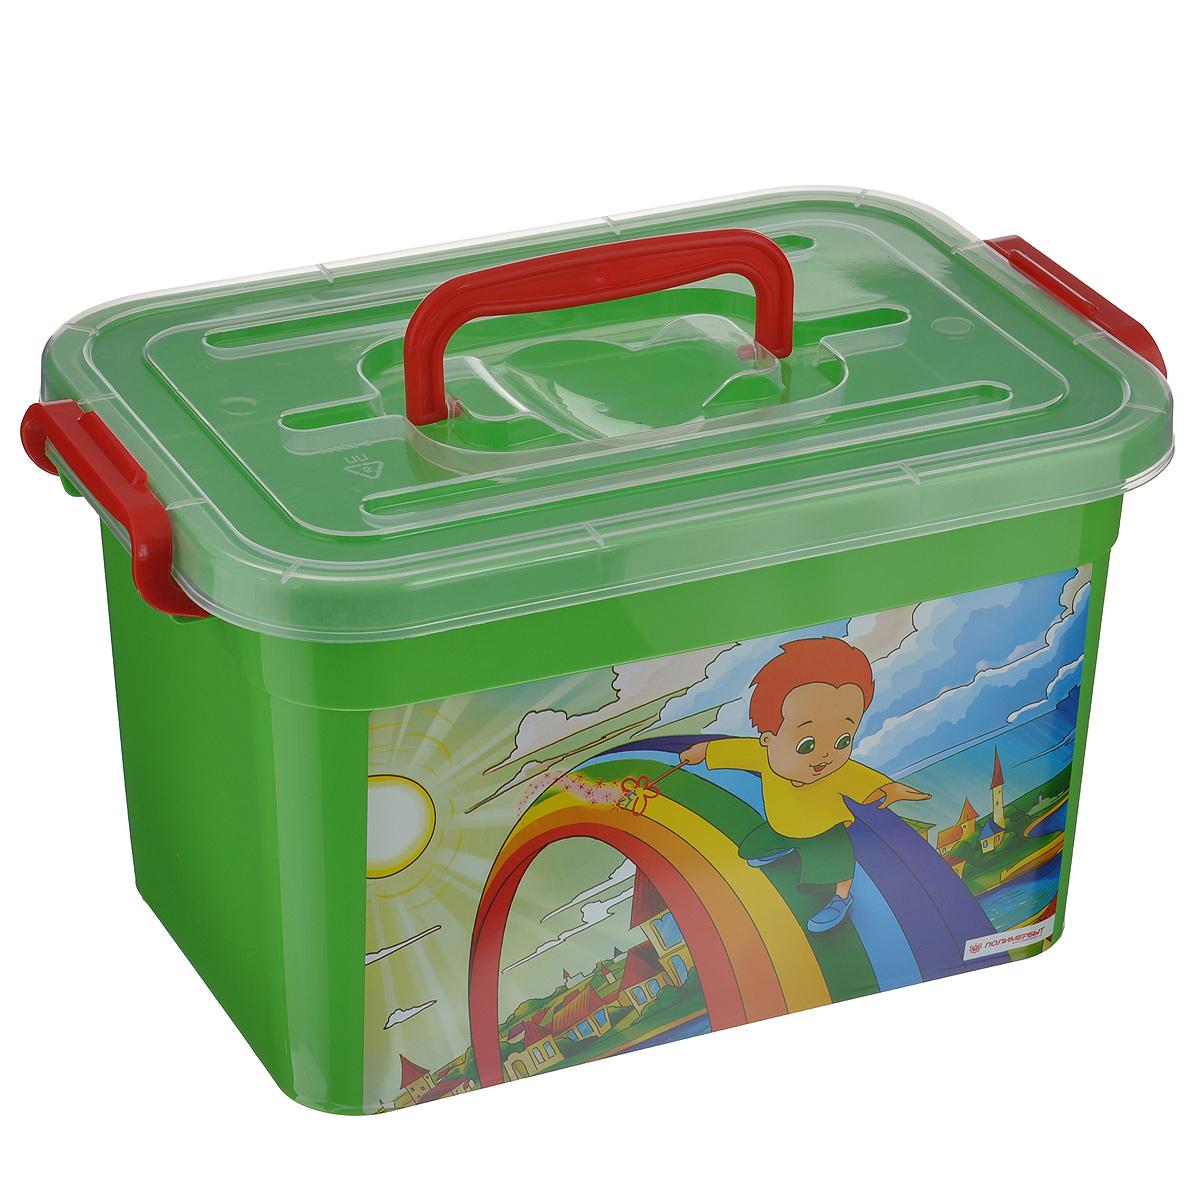 Ящик для игрушек Полимербыт Радуга, цвет: салатовый, 6,5 л ящик для игрушек полимербыт микки маус цвет синий 6 5 л